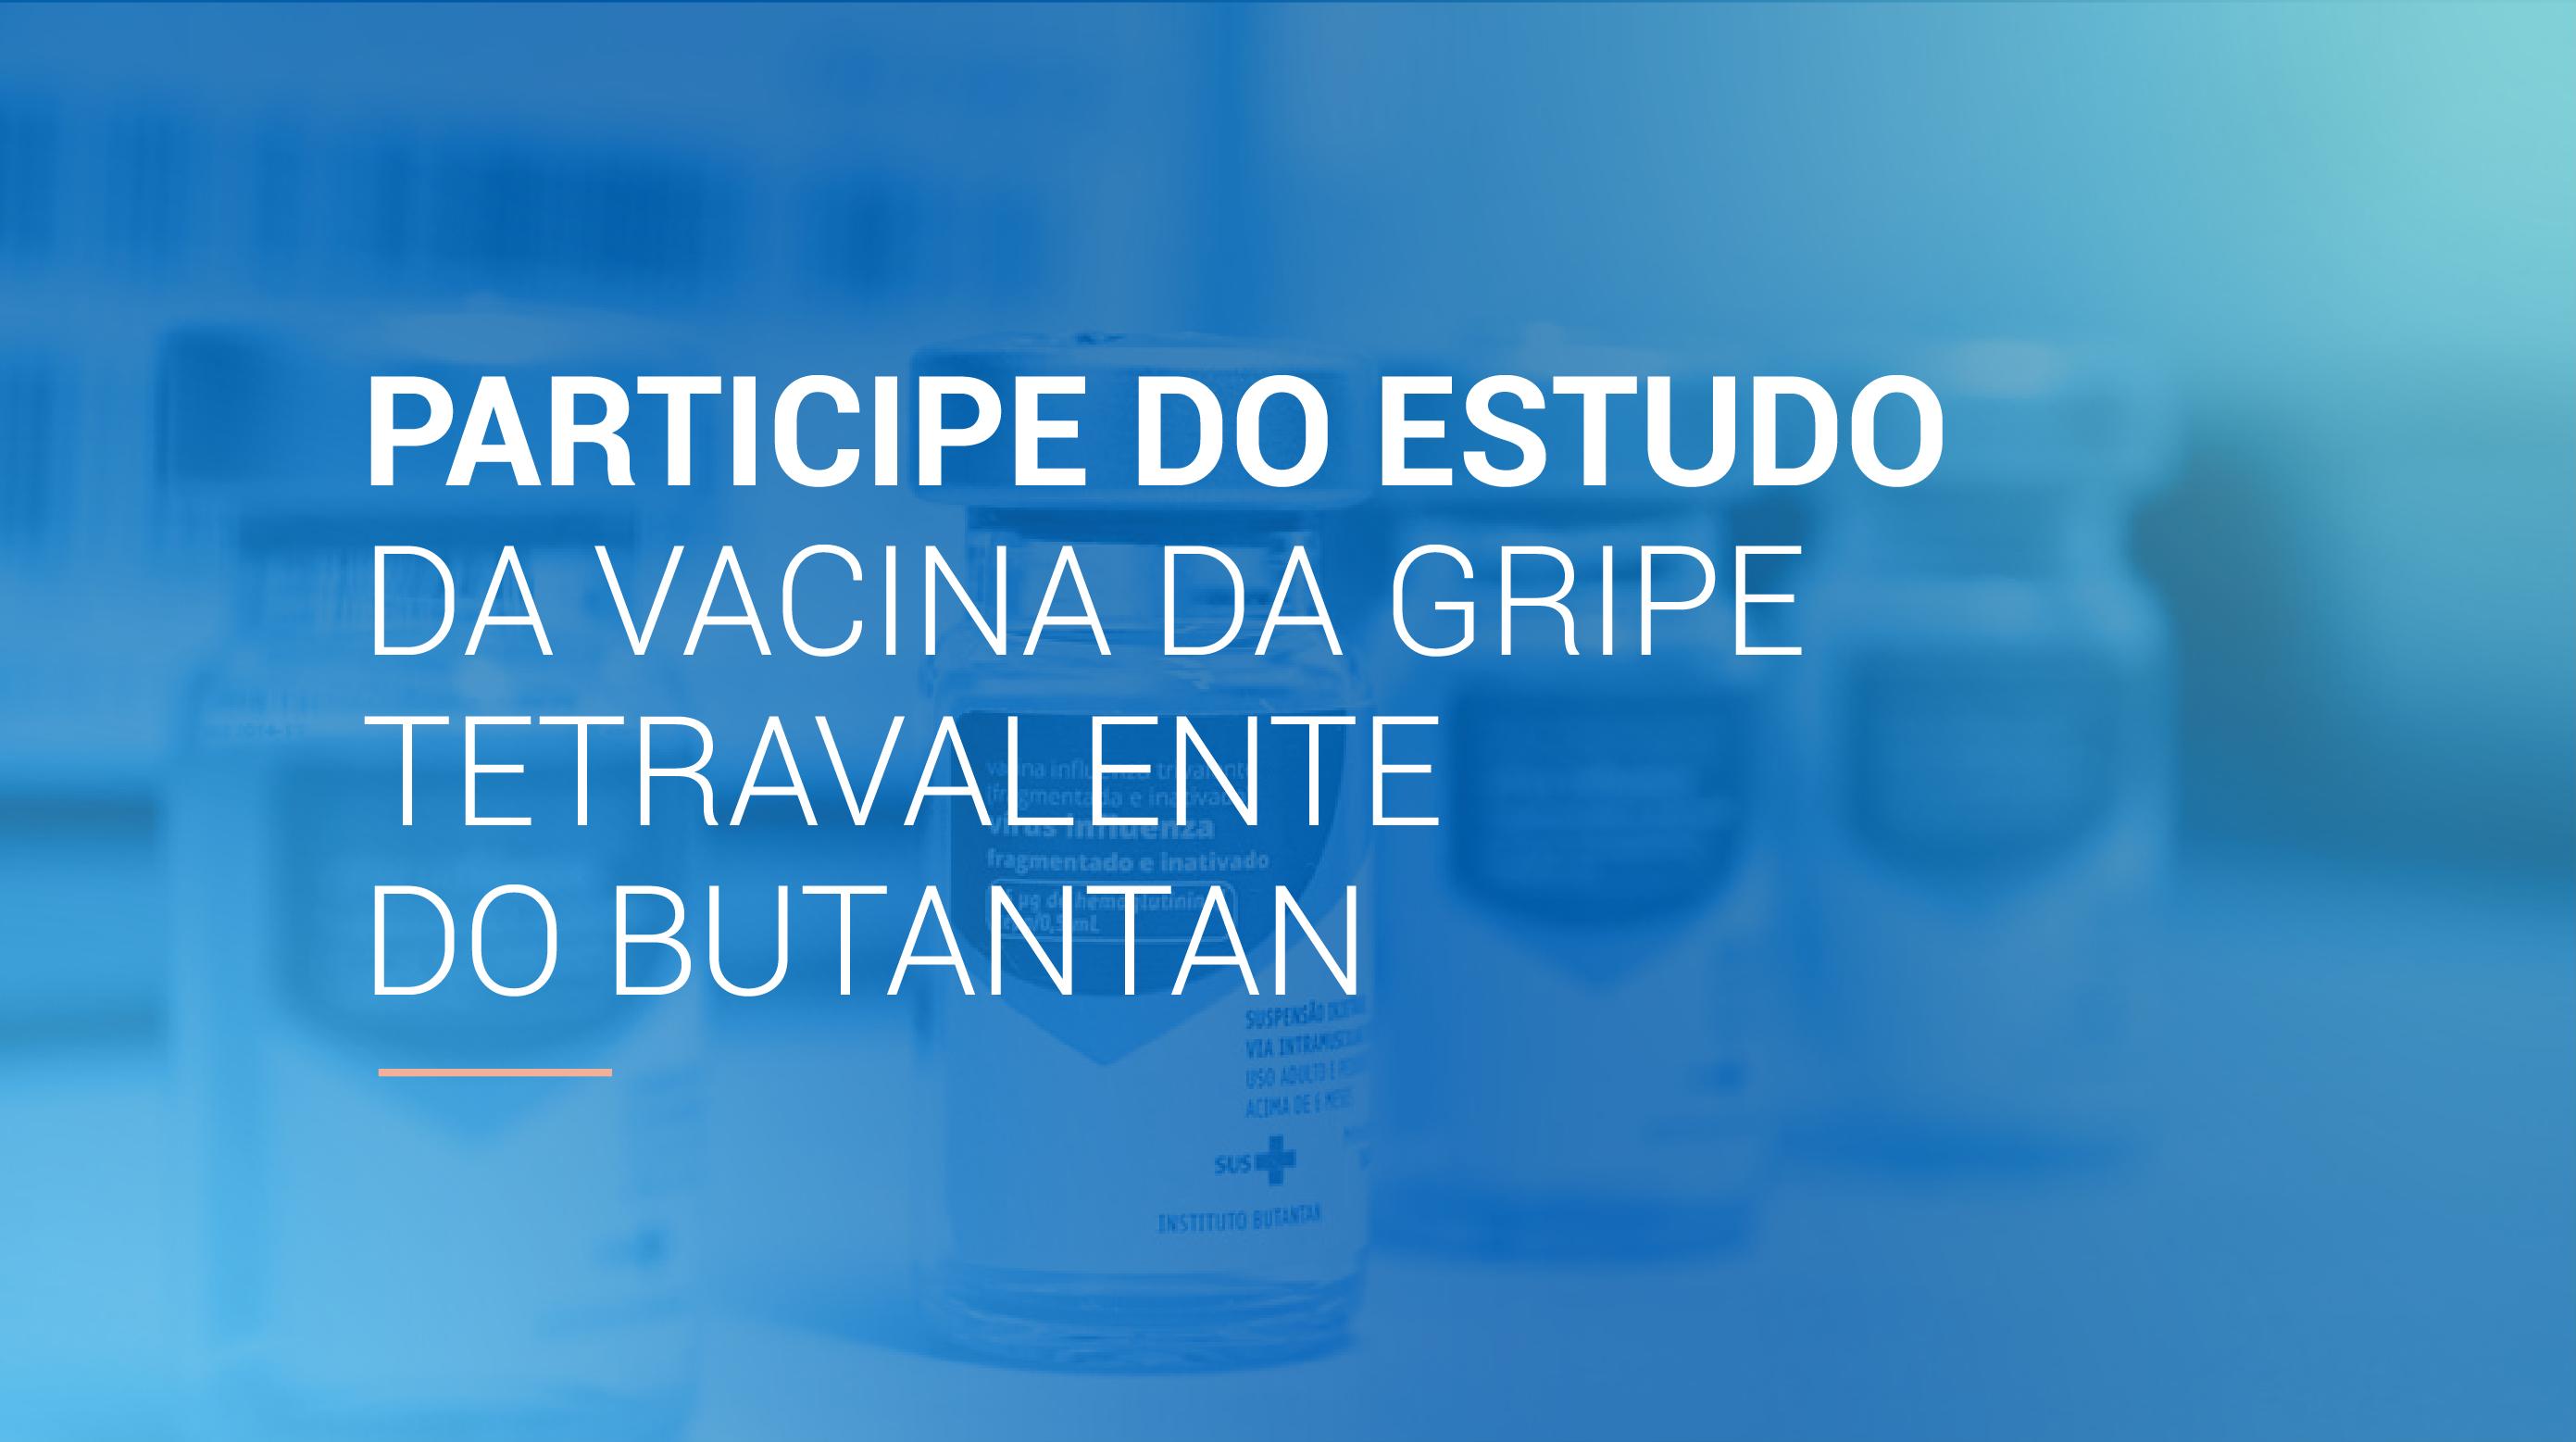 Participe do estudo da vacina da gripe tetravalente do Butantan